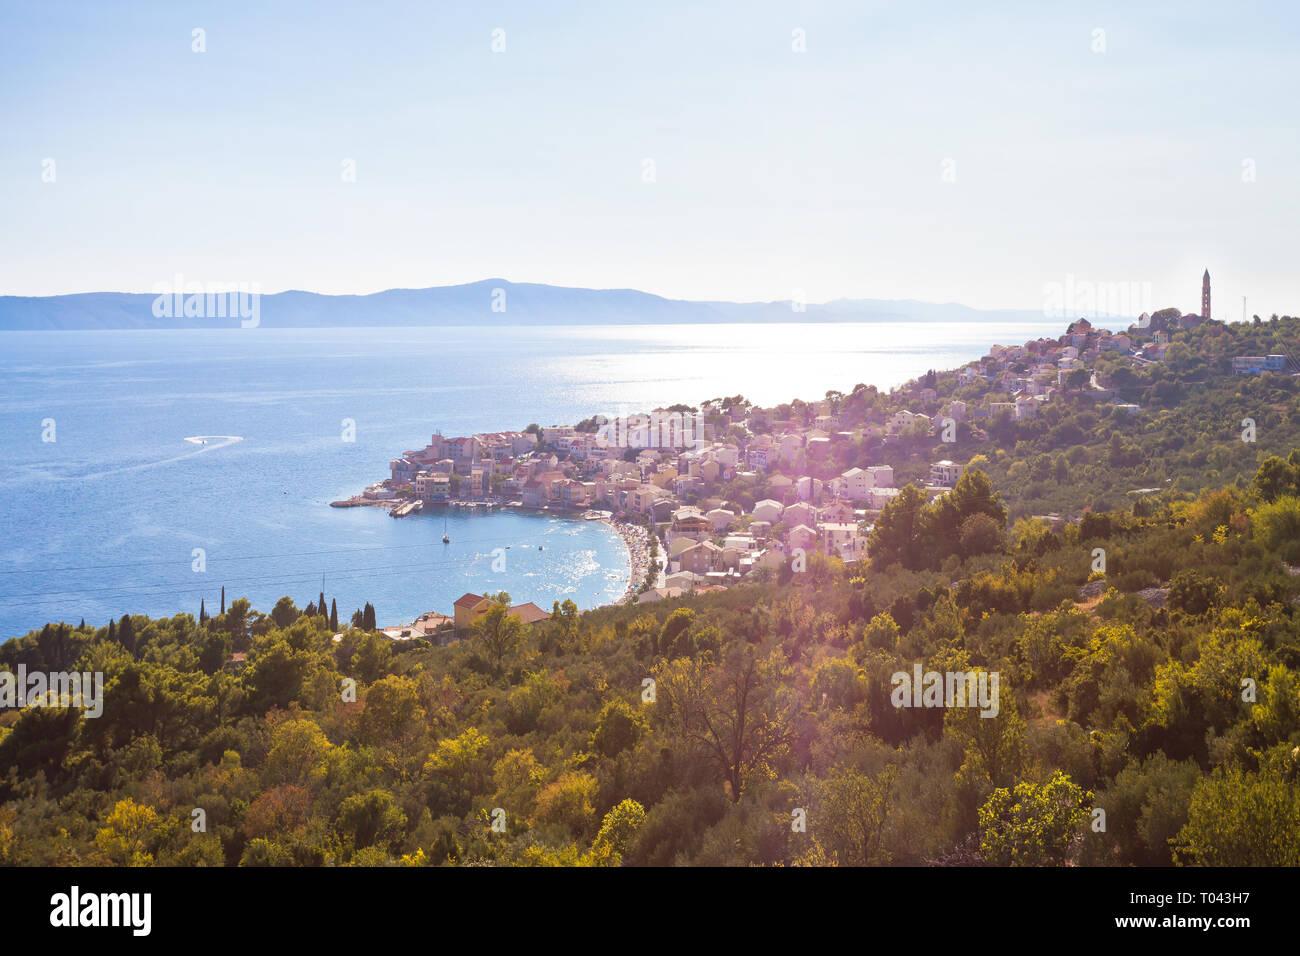 Igrane, Dalmatien, Kroatien, Europa - Überblick über die schöne Bucht von Igrane Stockfoto